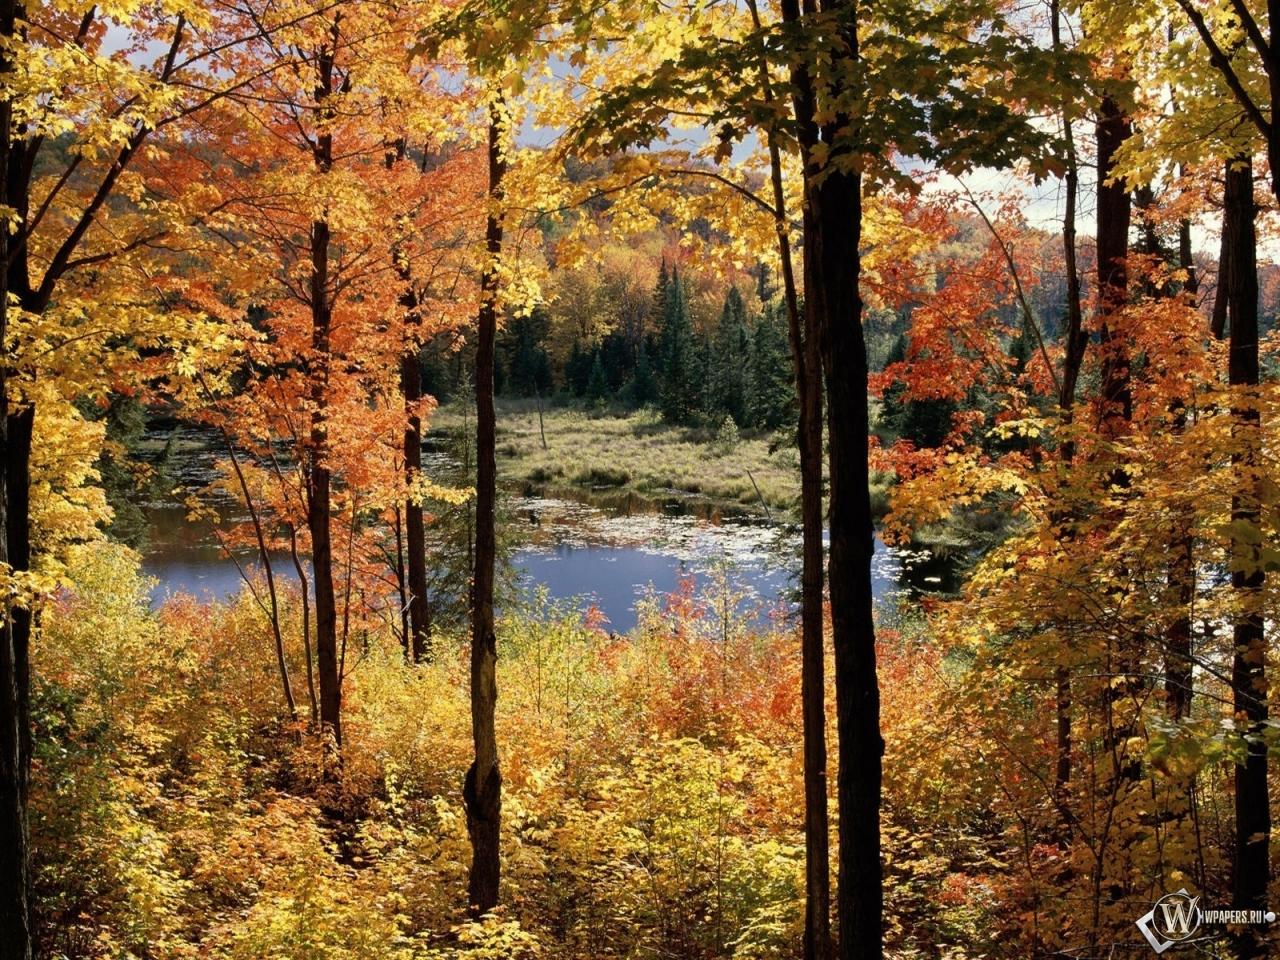 Осенний пейзаж 1280x960